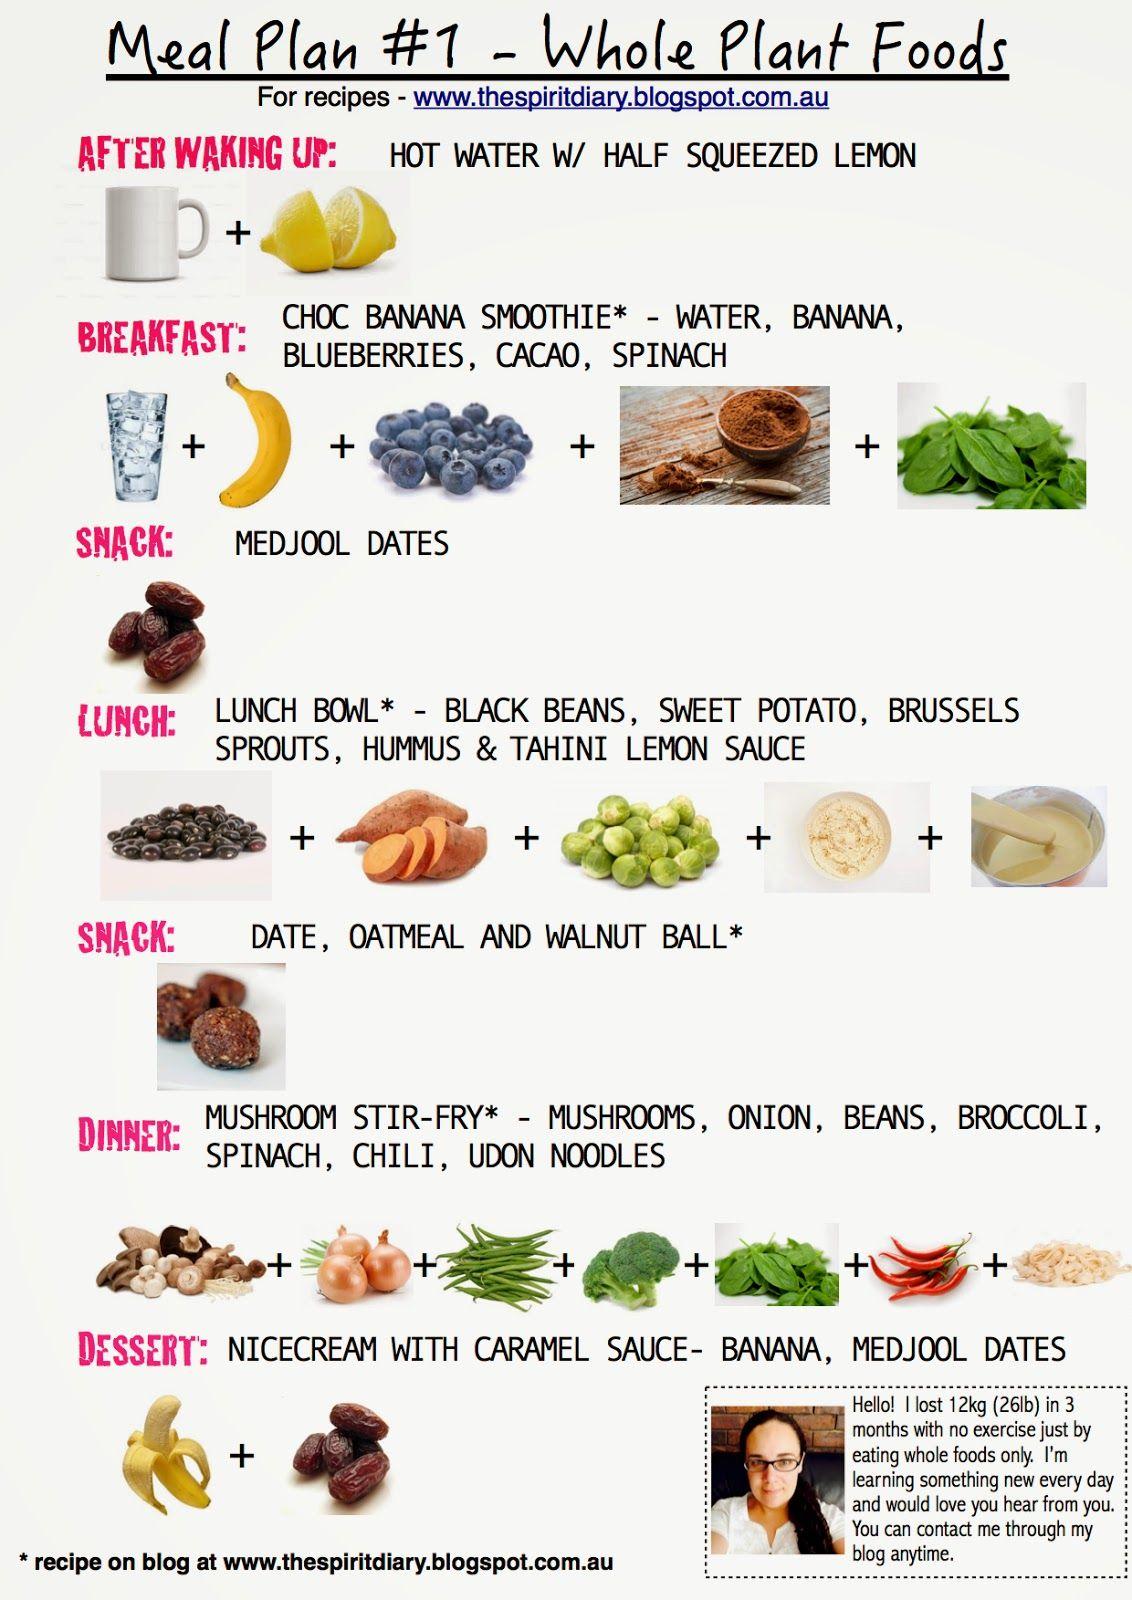 Vegan Daily Meal Plan 1 Daily Meal Plan Vegetarian Meal Plan Vegan Diet Plan